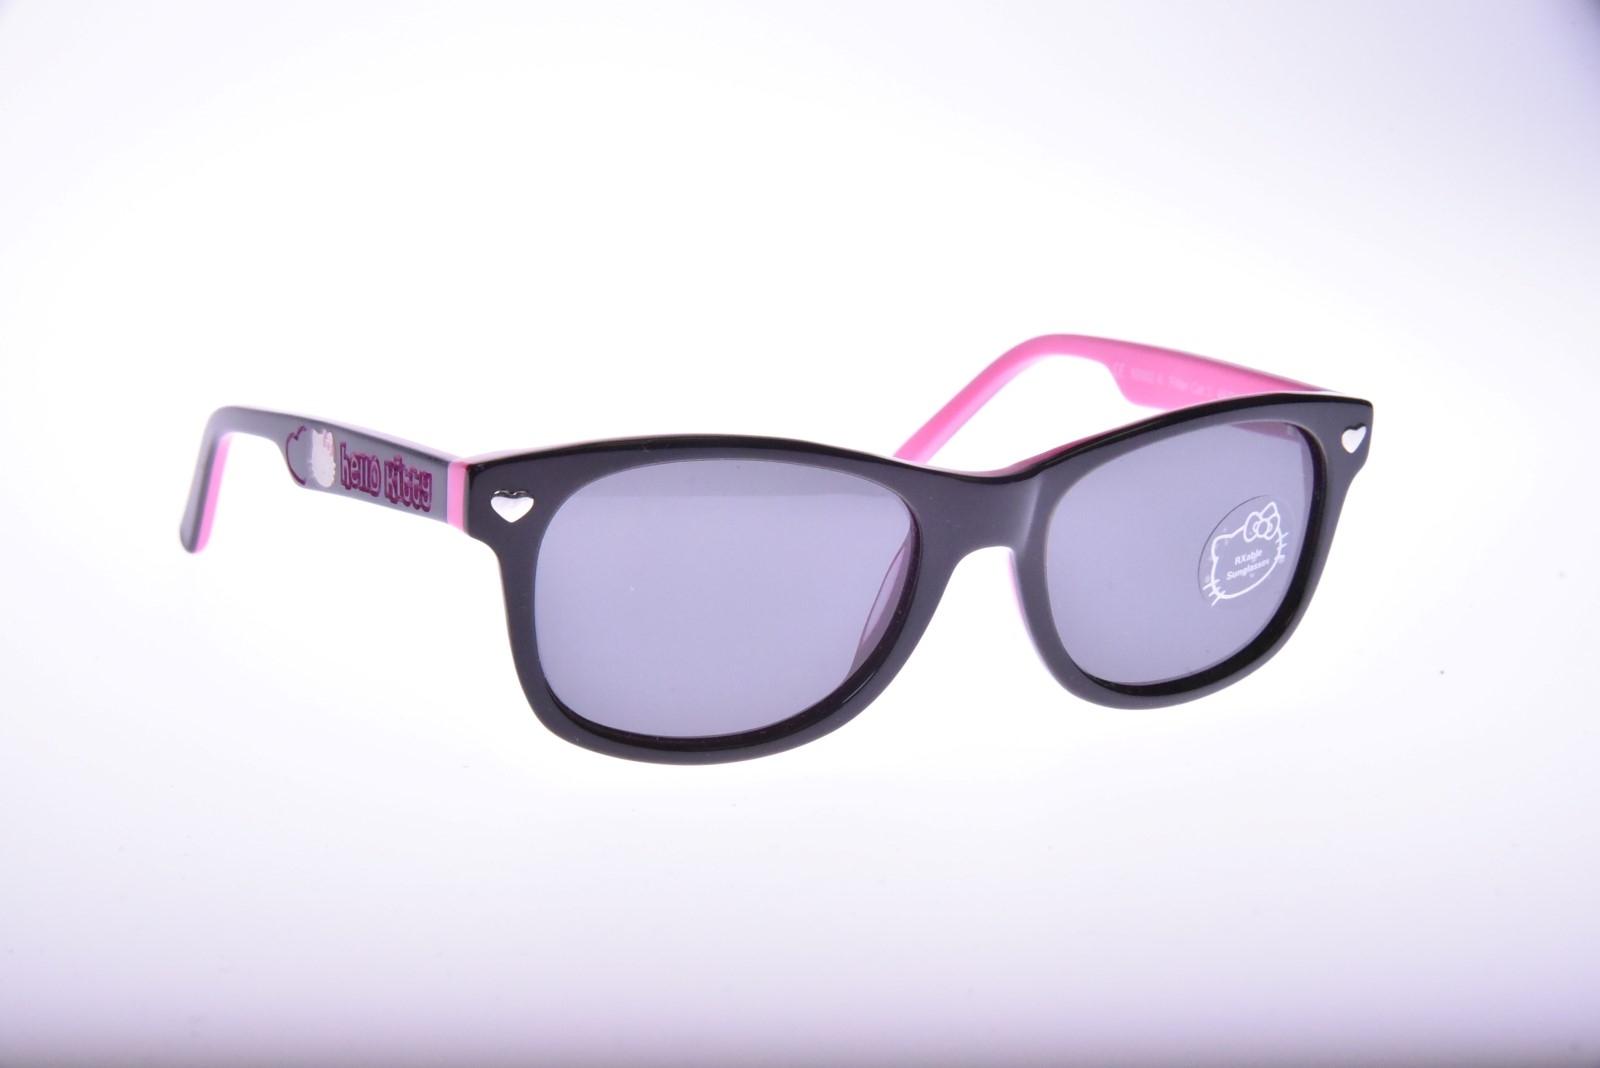 Polaroid Hello Kitty K9302A - Slnečné okuliare pre deti 4-7 r.